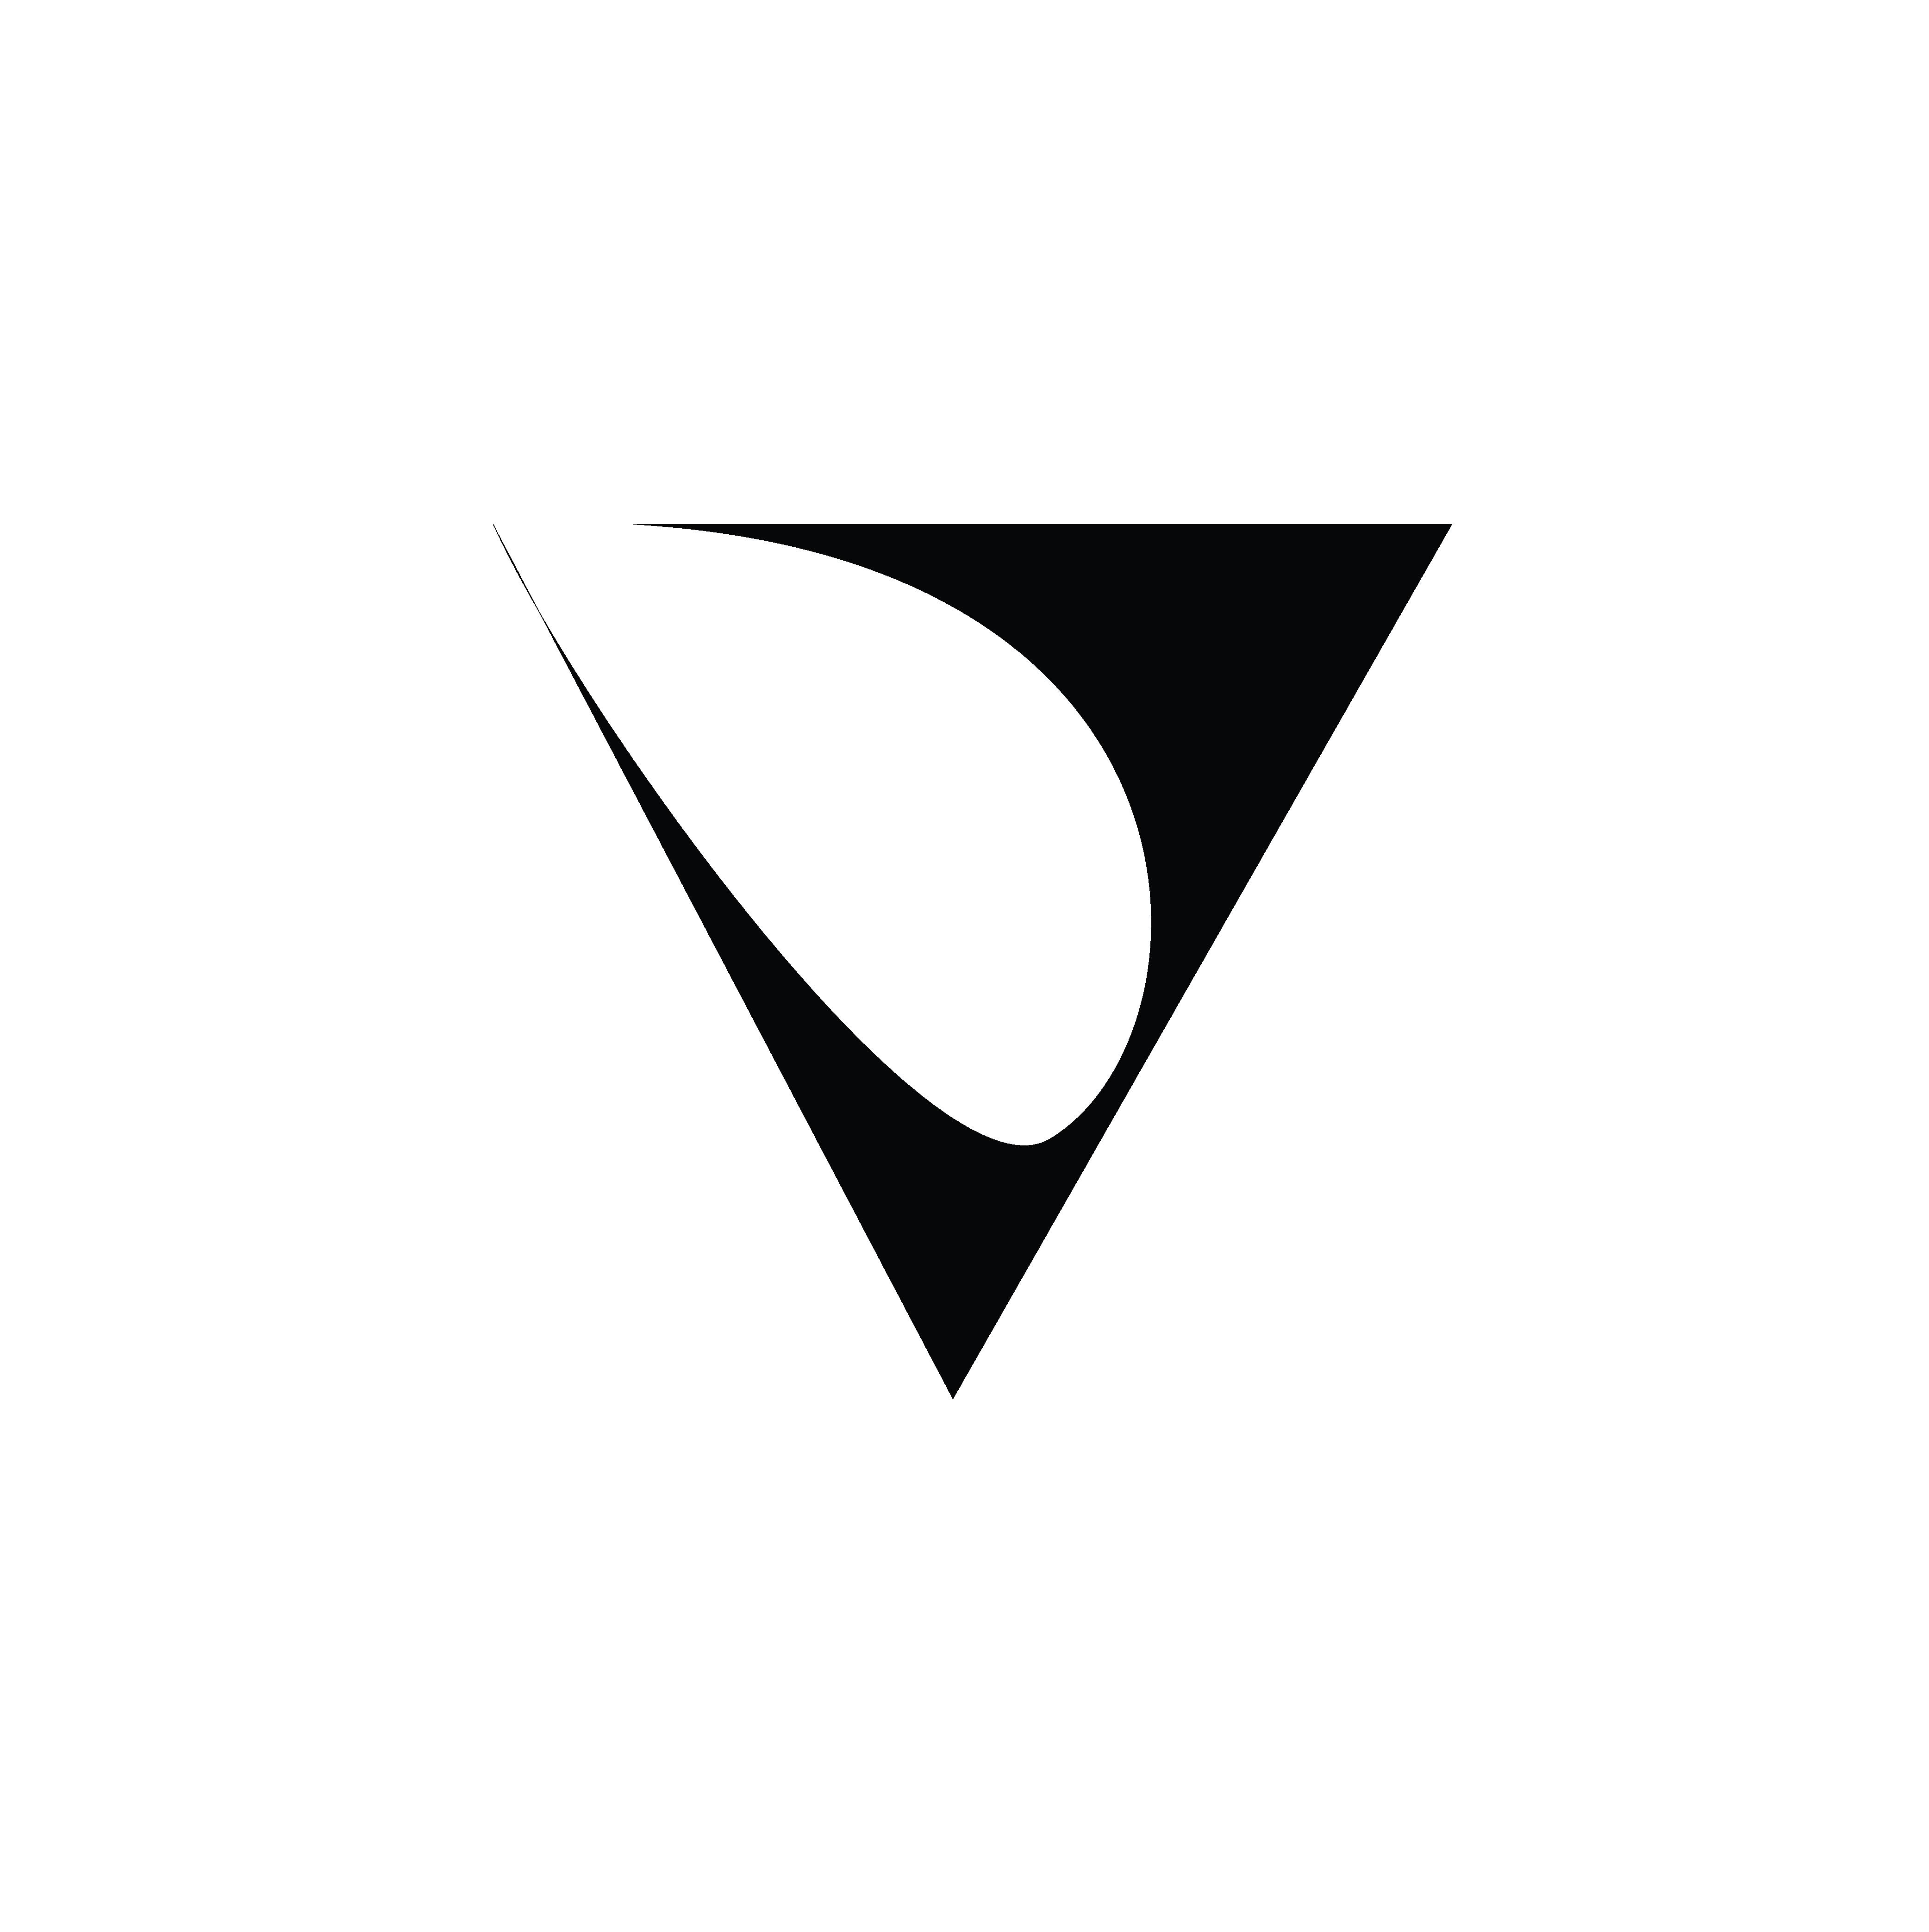 v_vprim-01